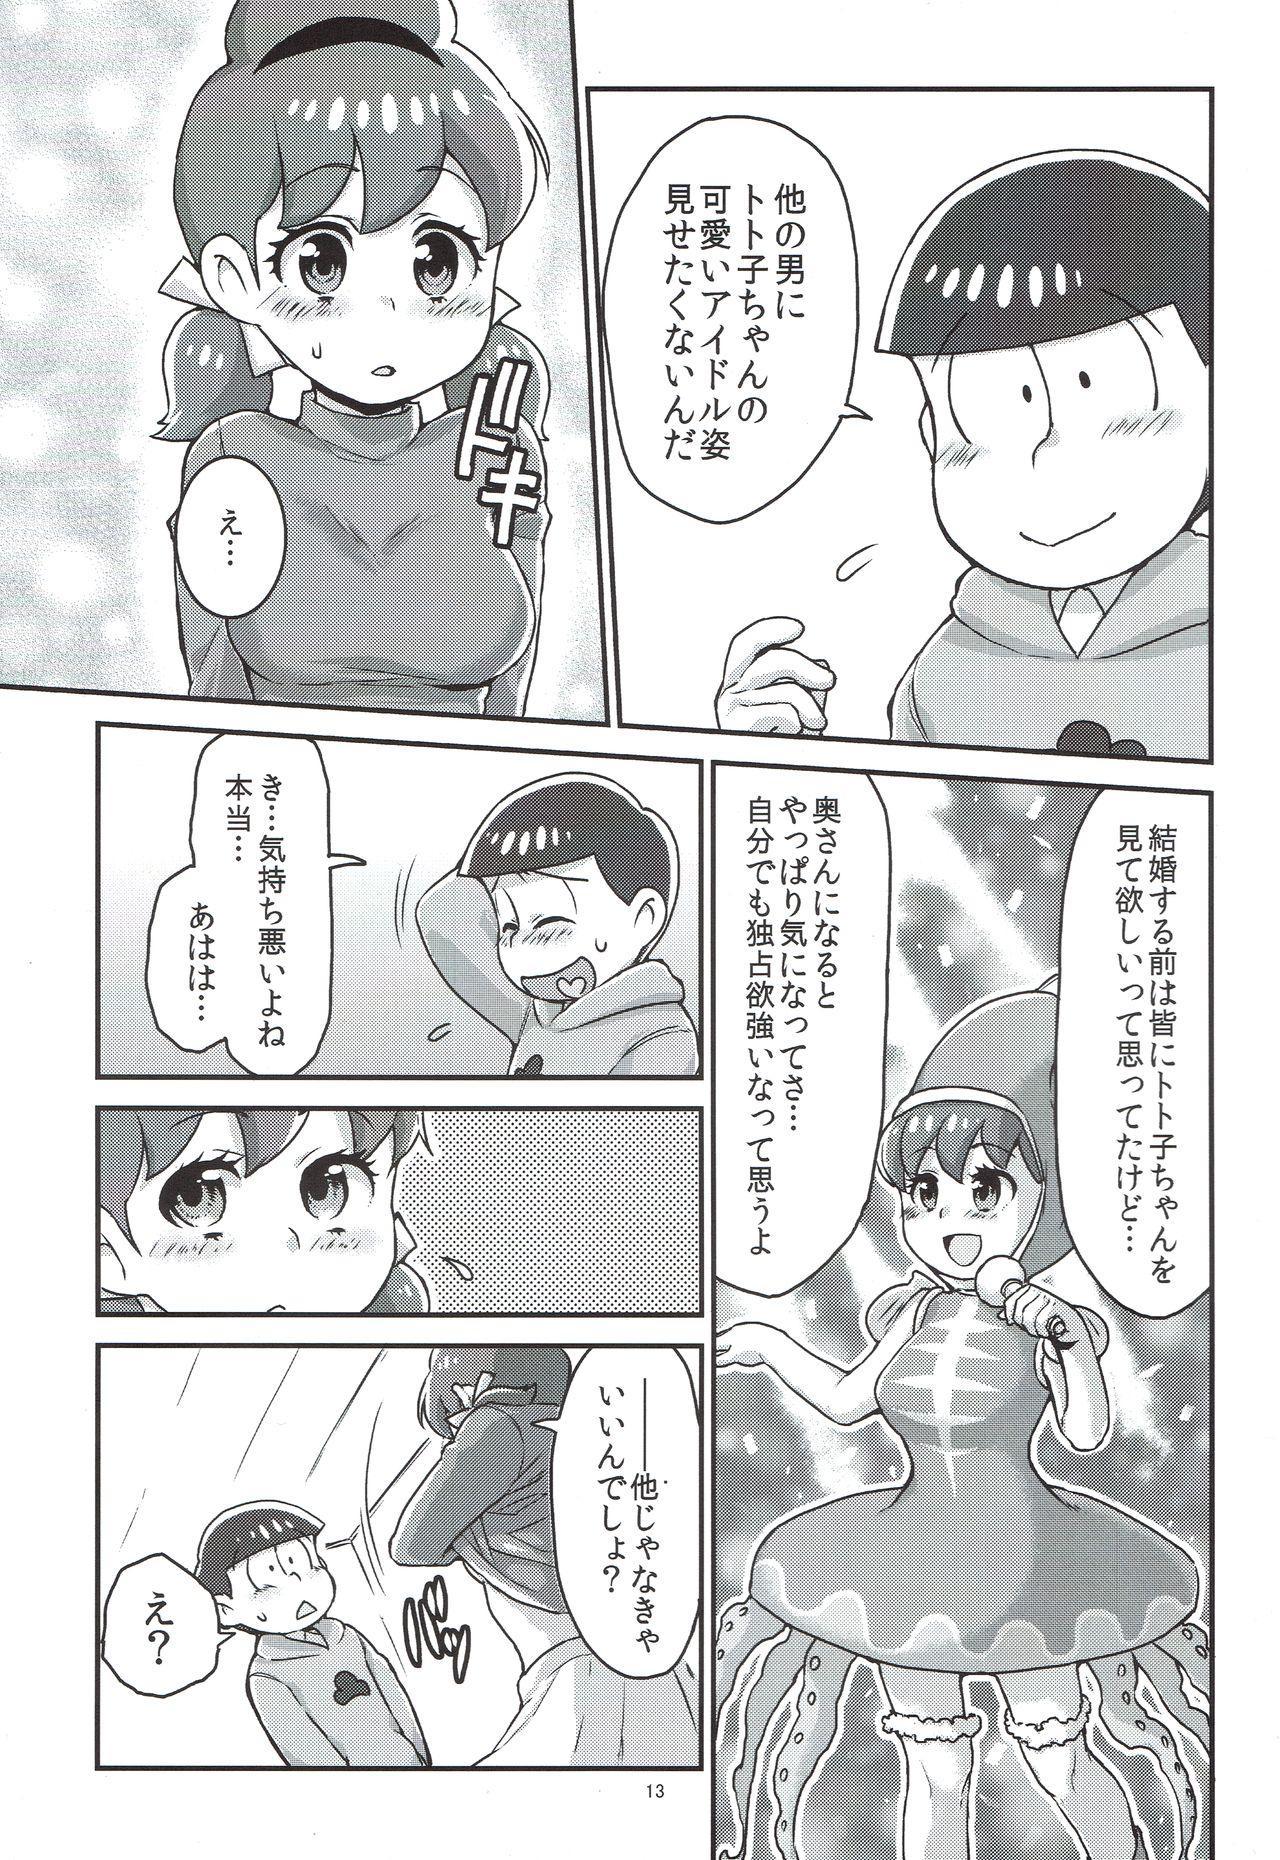 Mutsugo to Totoko-chan no Juukon Seikatsu 13